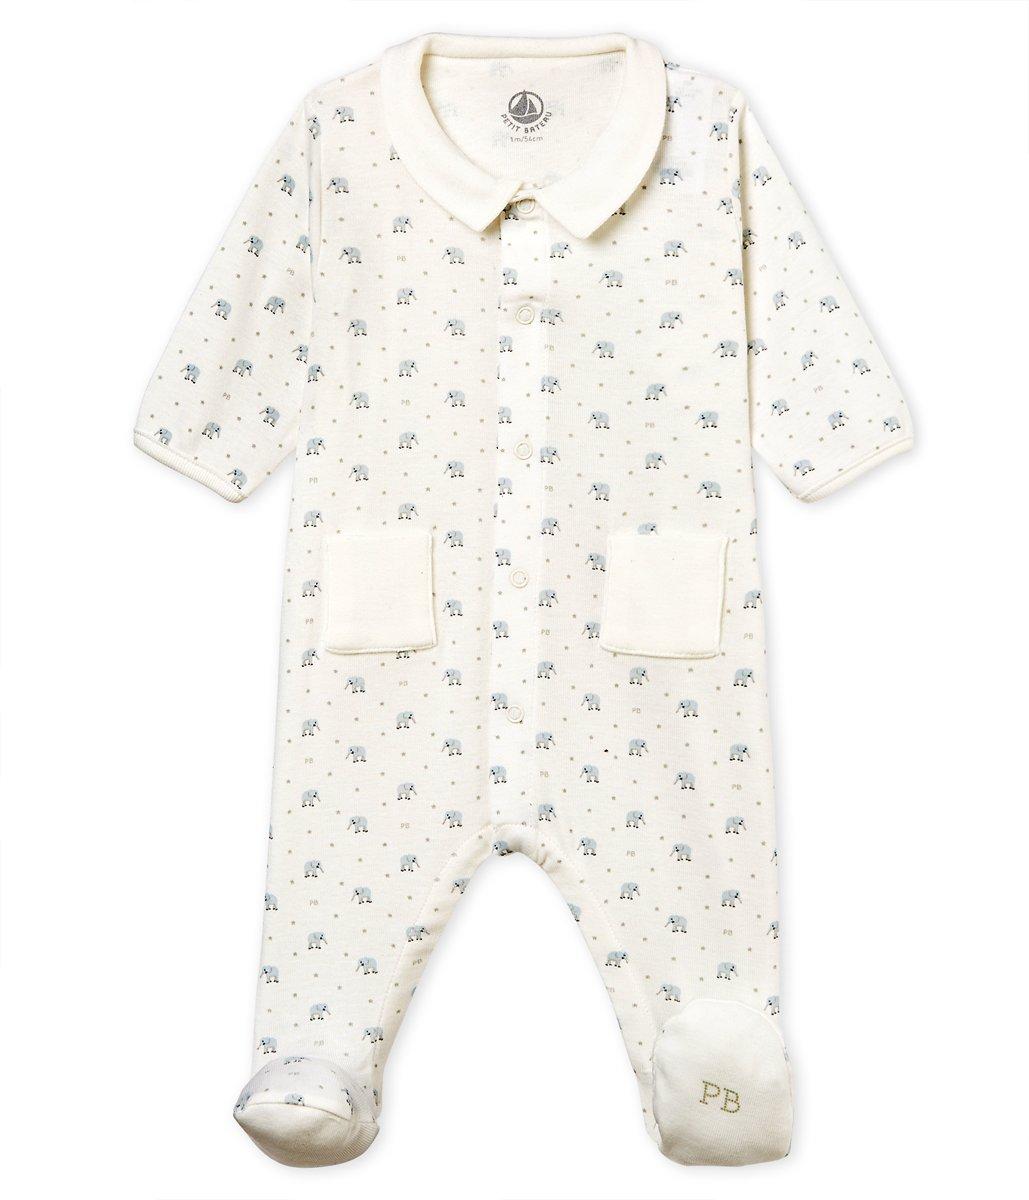 Petit Bateau Jongens Baby Boxpak - blauw - Maat 68 kopen